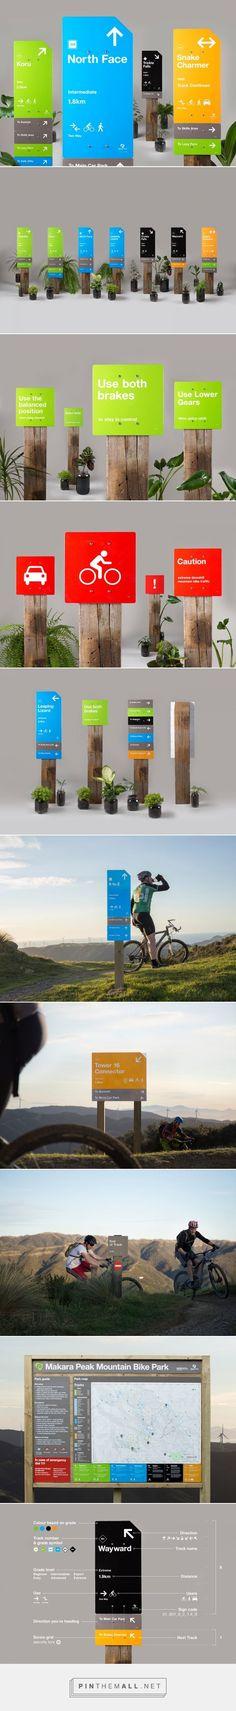 Makara Peak Mountain Bike Park Wayfinding on Behance